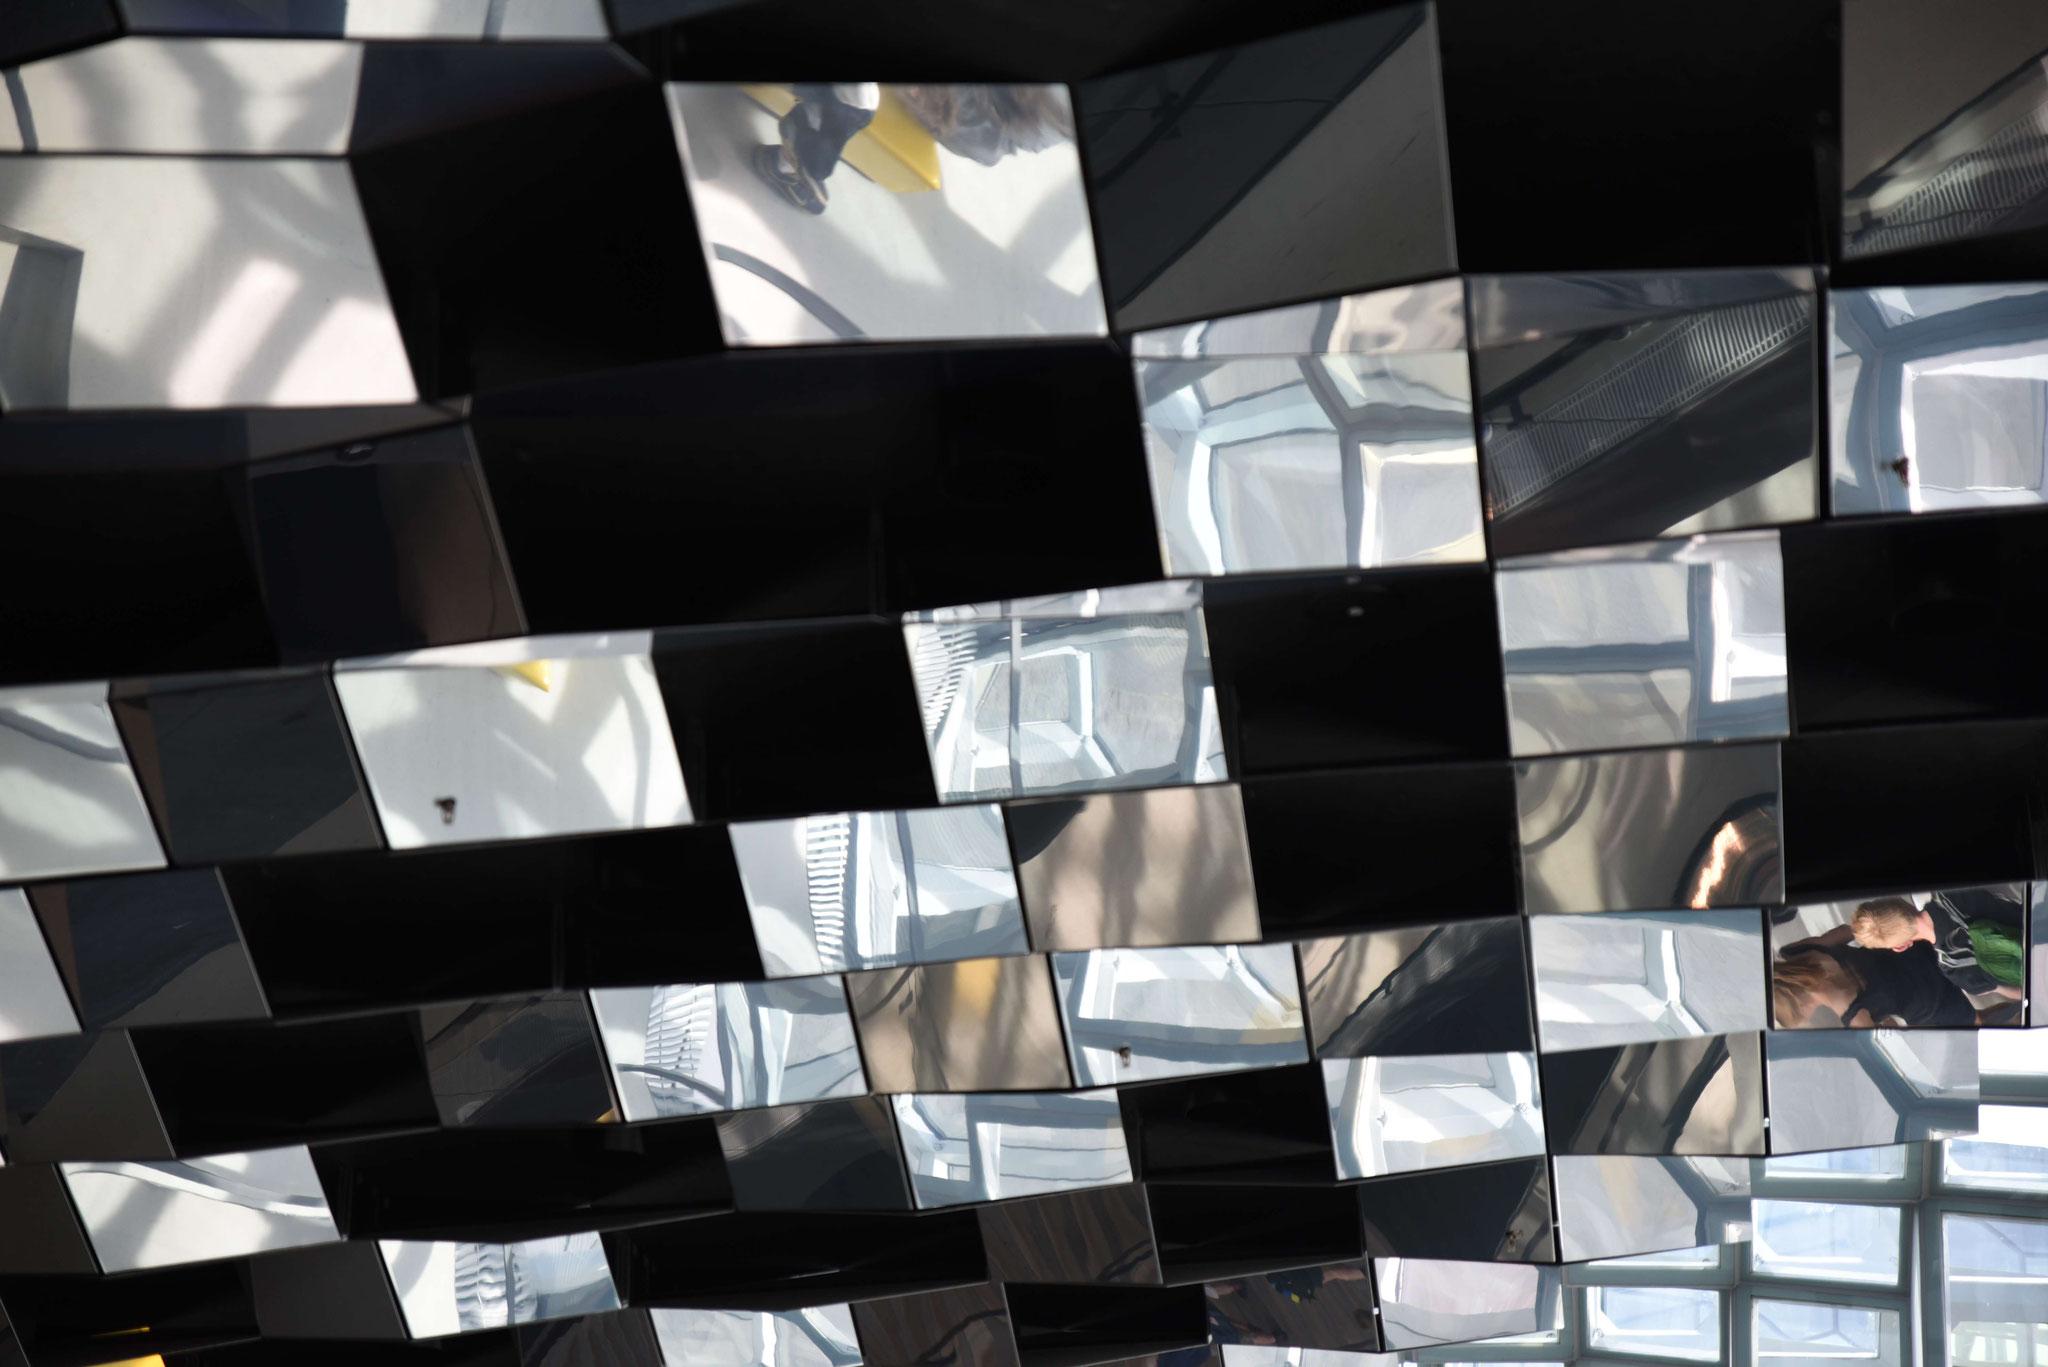 Soiegelung an der Decke - man sieht über mehrere Etagen verschiedene Ereignisse gleichzeitig